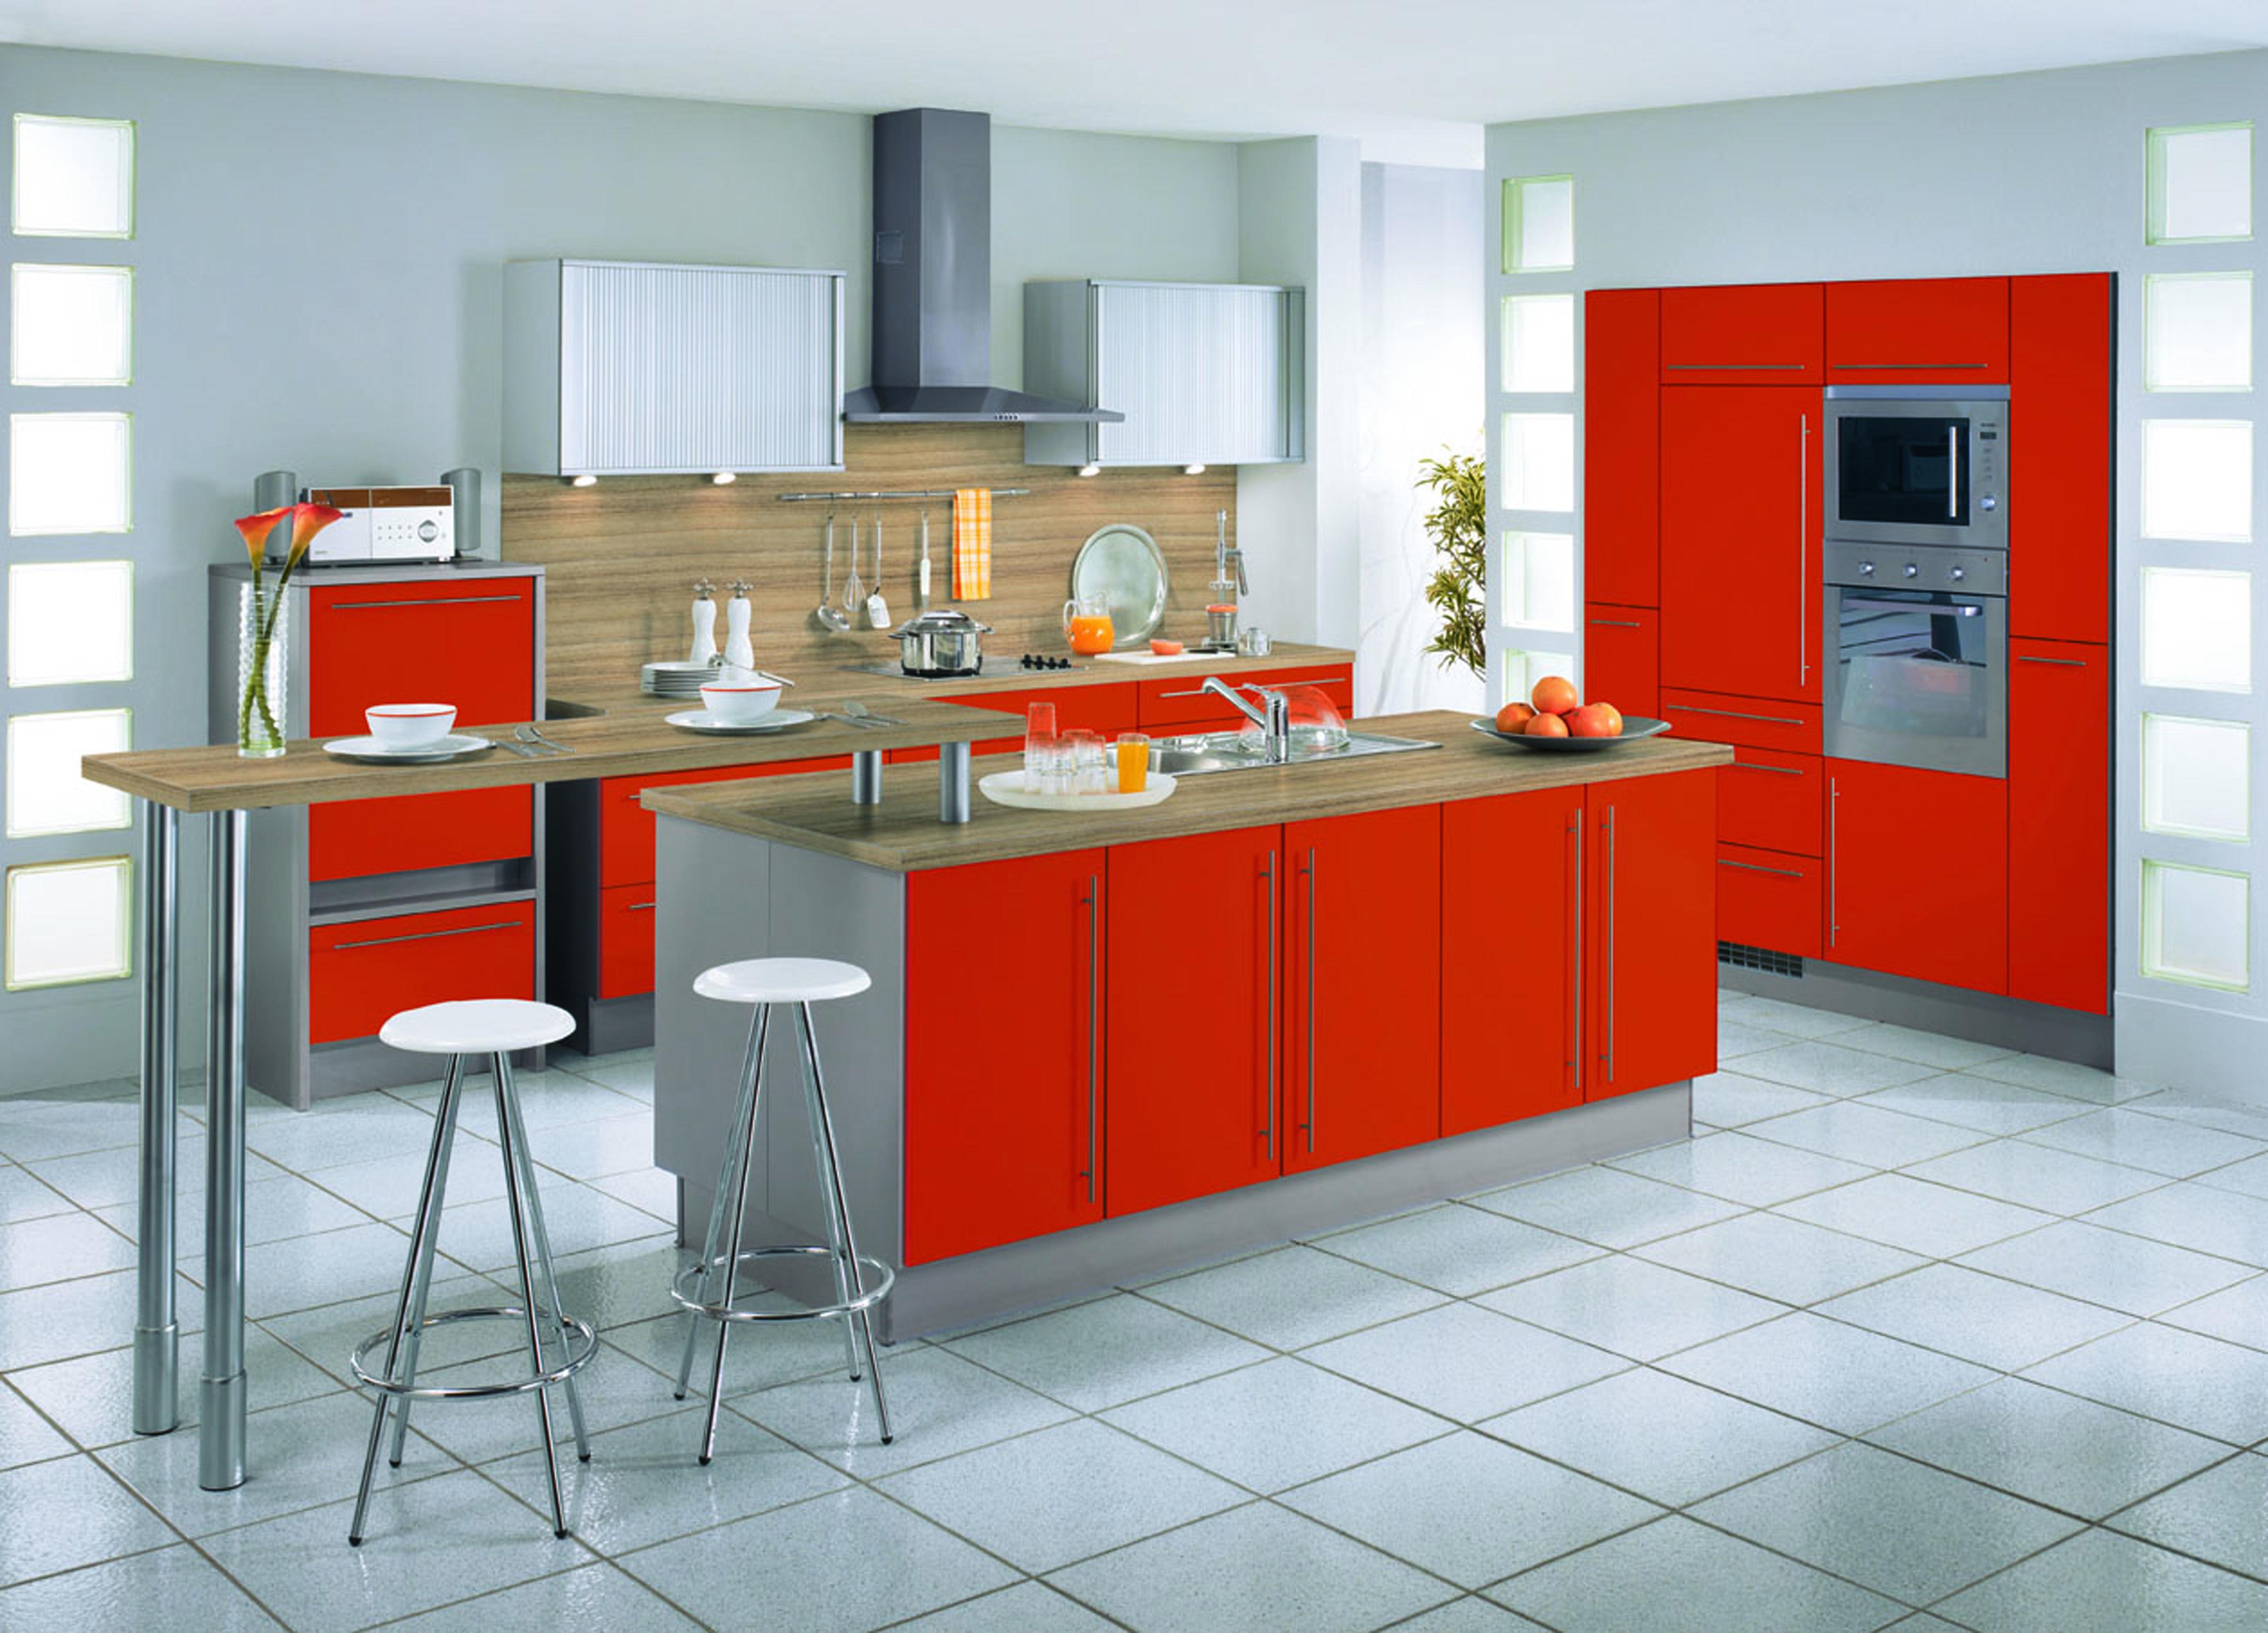 kitchen backsplash glass tile design ideas kitchen and dining room rh pinterest com